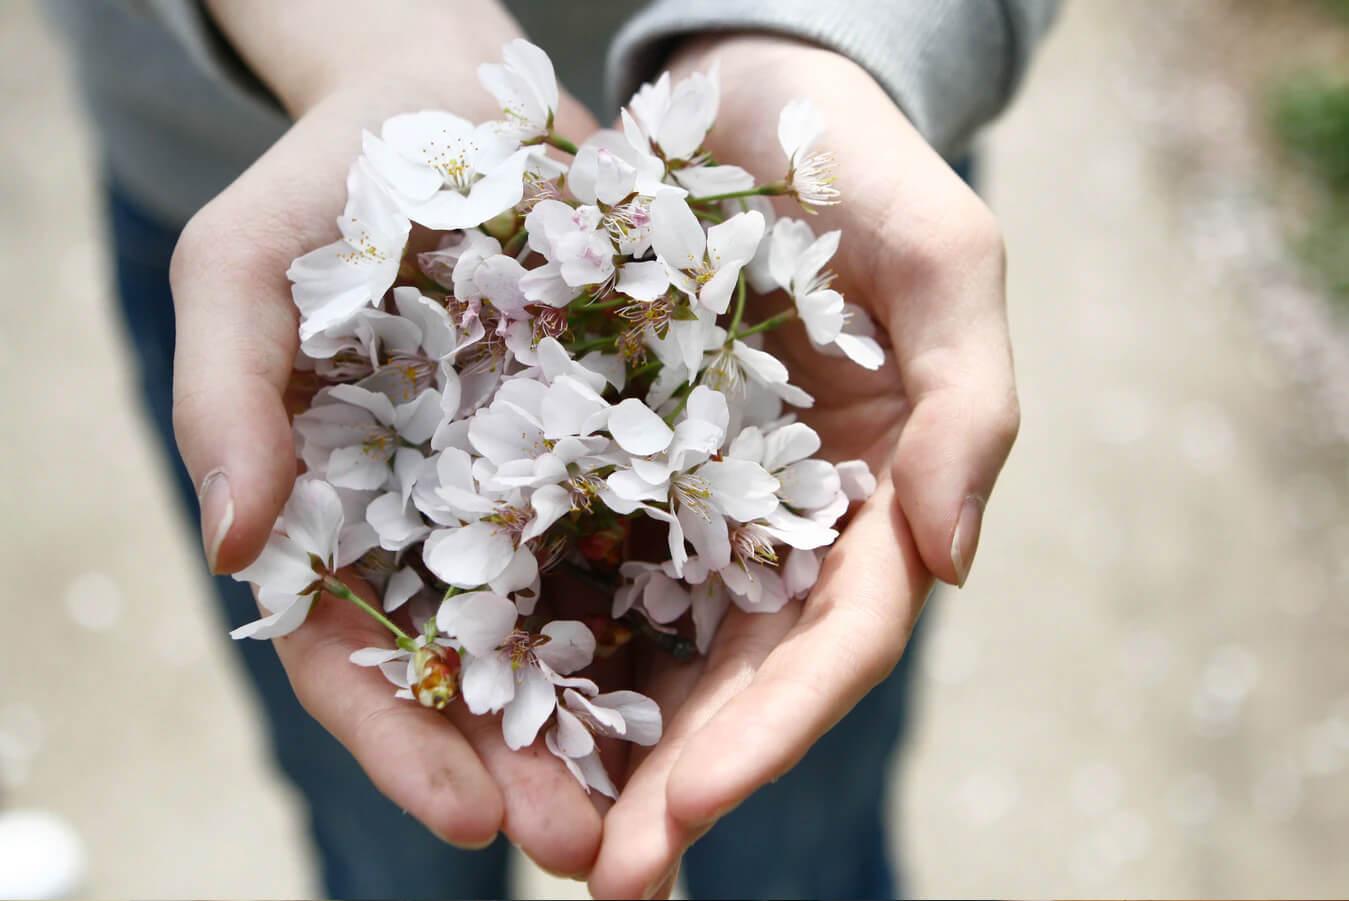 Hands Flower